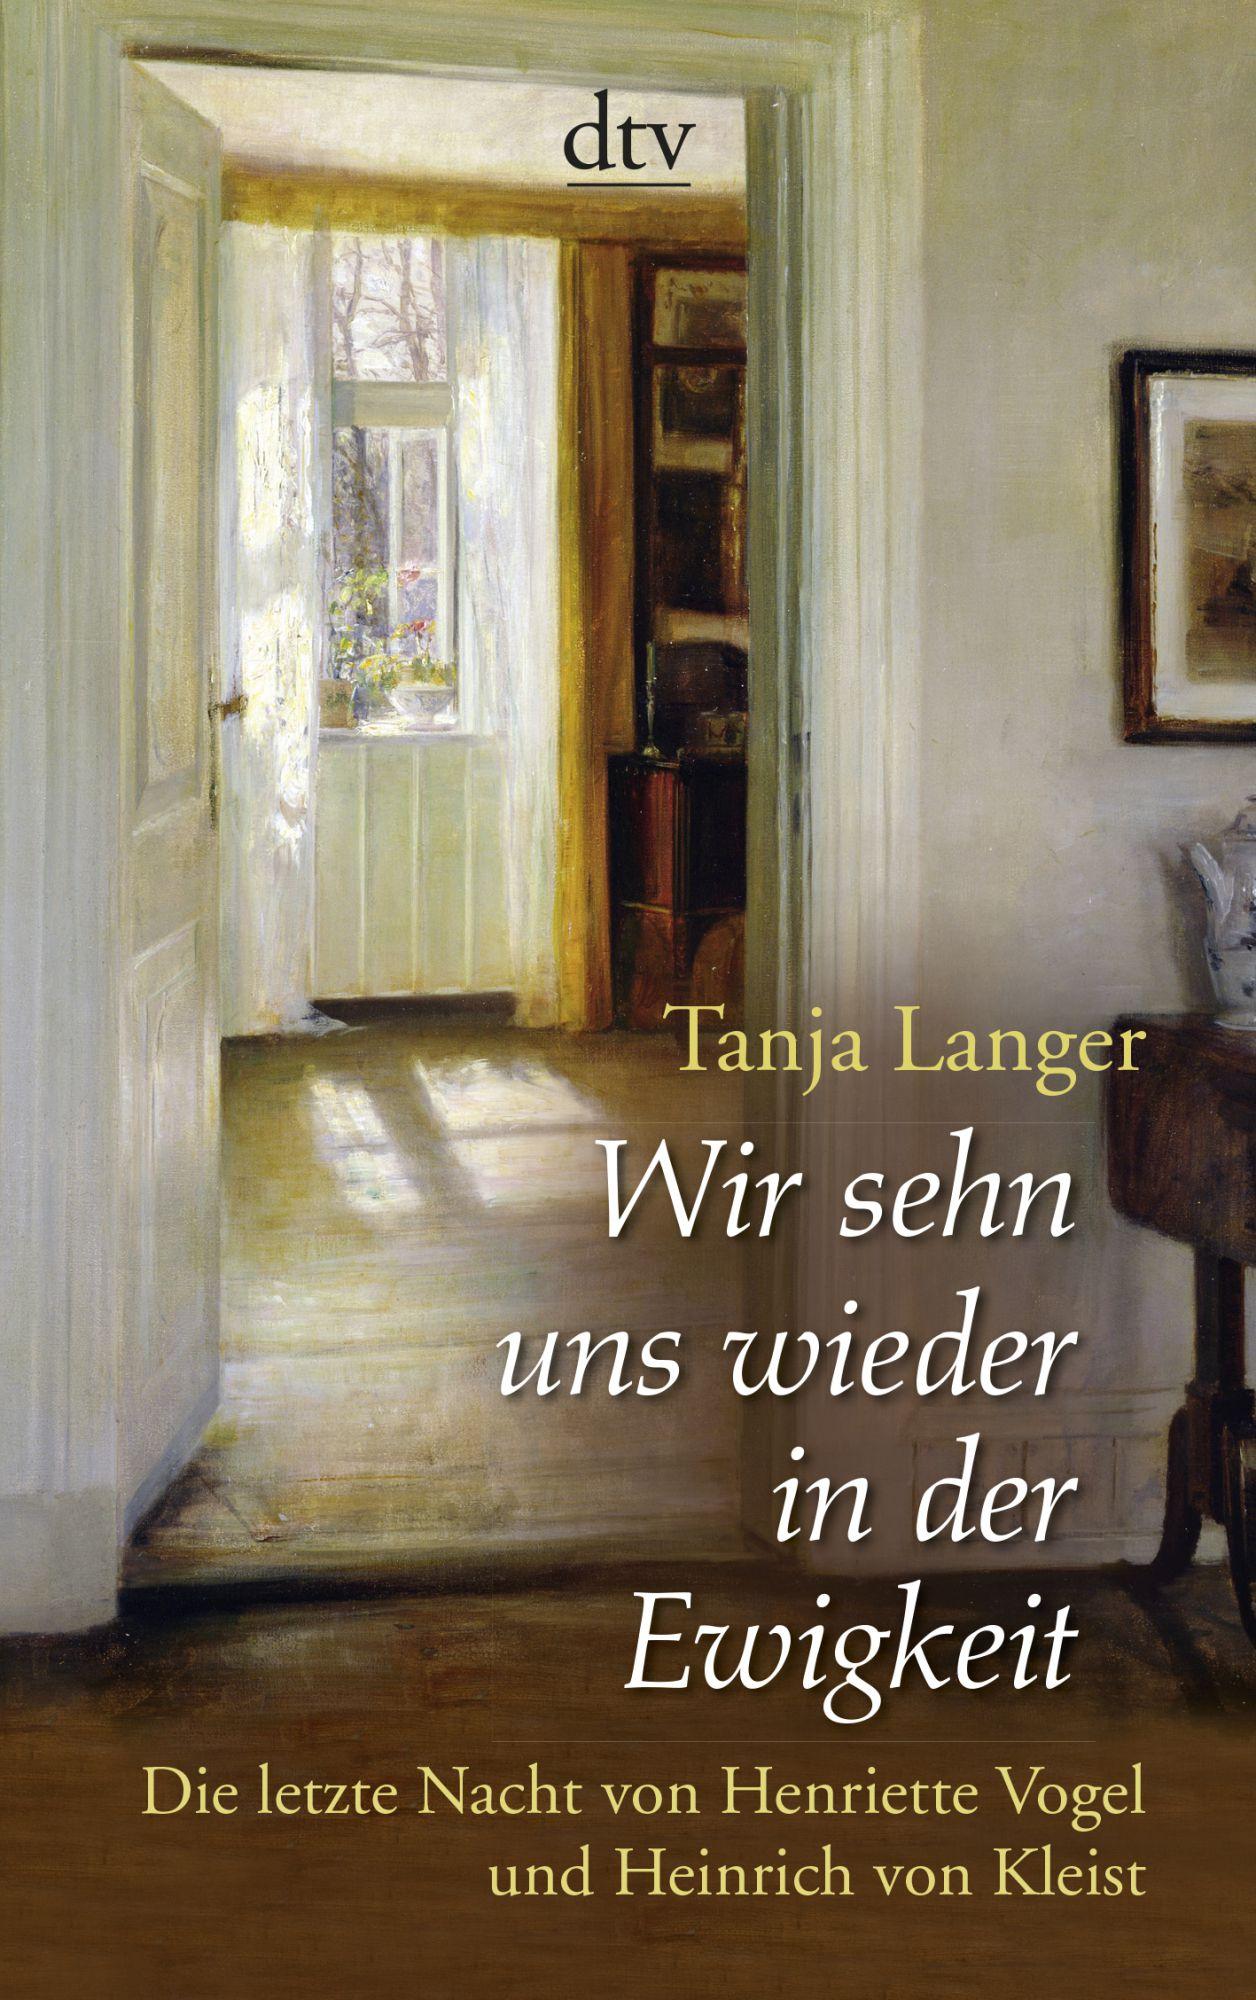 Wir sehn uns wieder in der Ewigkeit - Die letzte Nacht von Henriette Vogel und Heinrich von Kleist